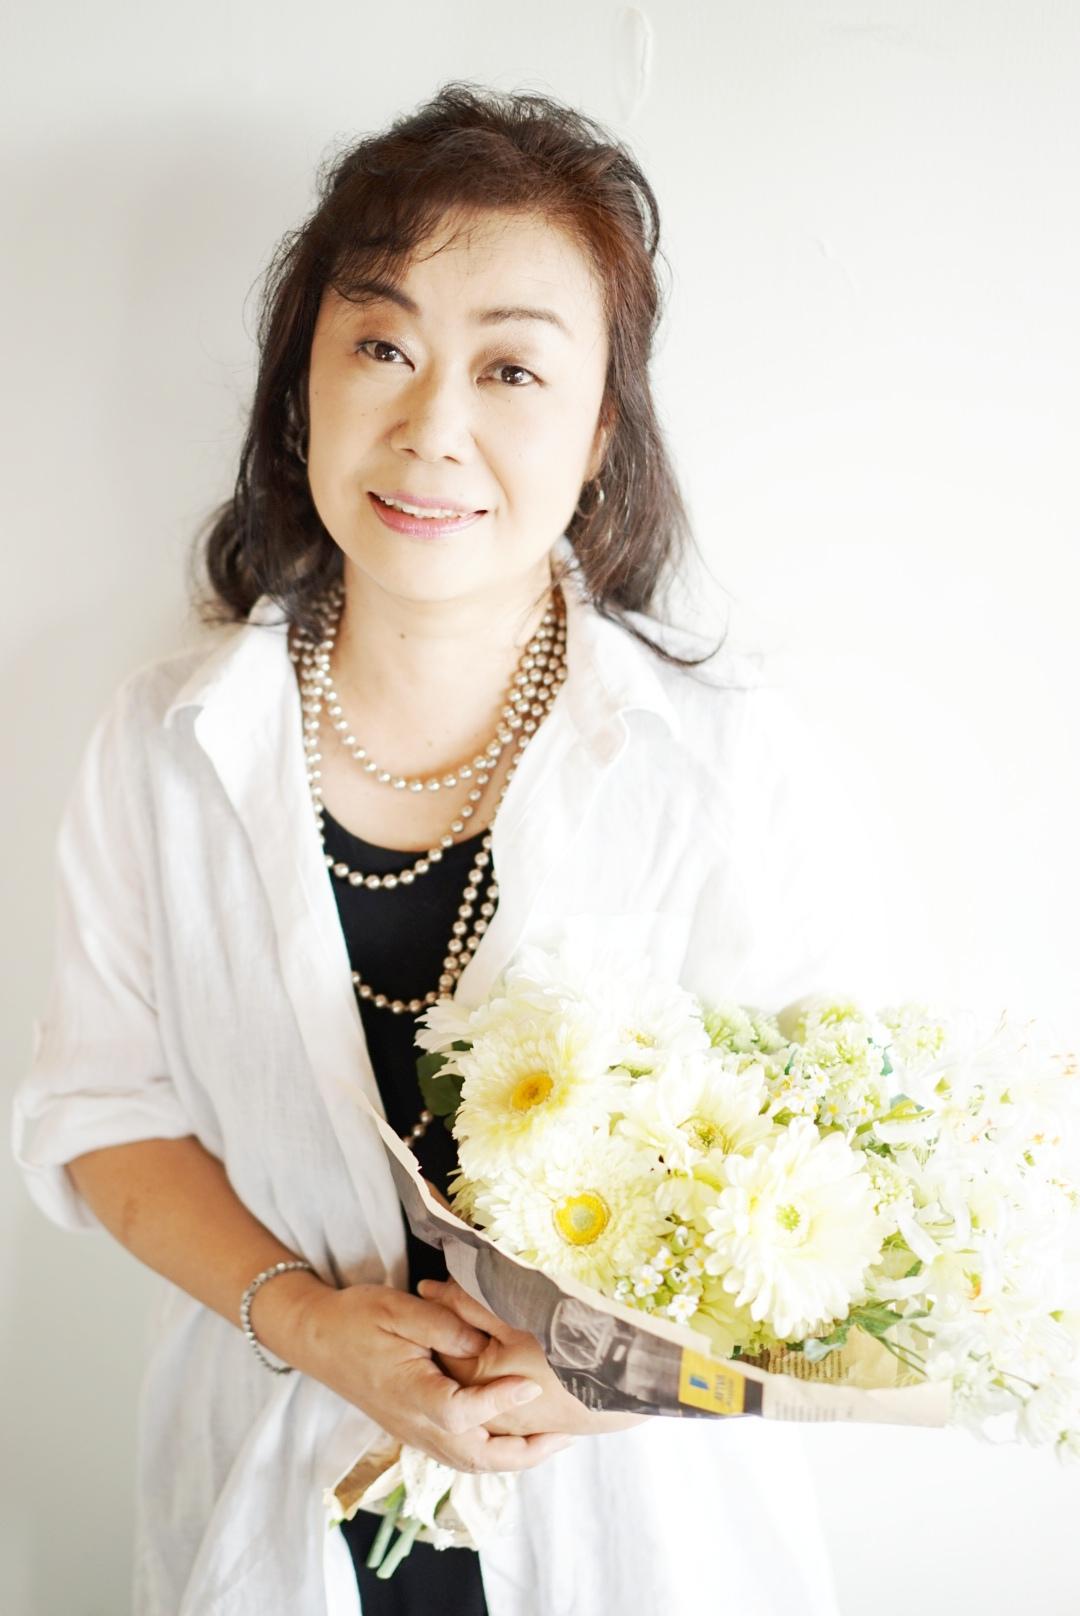 篠原由紀子さん